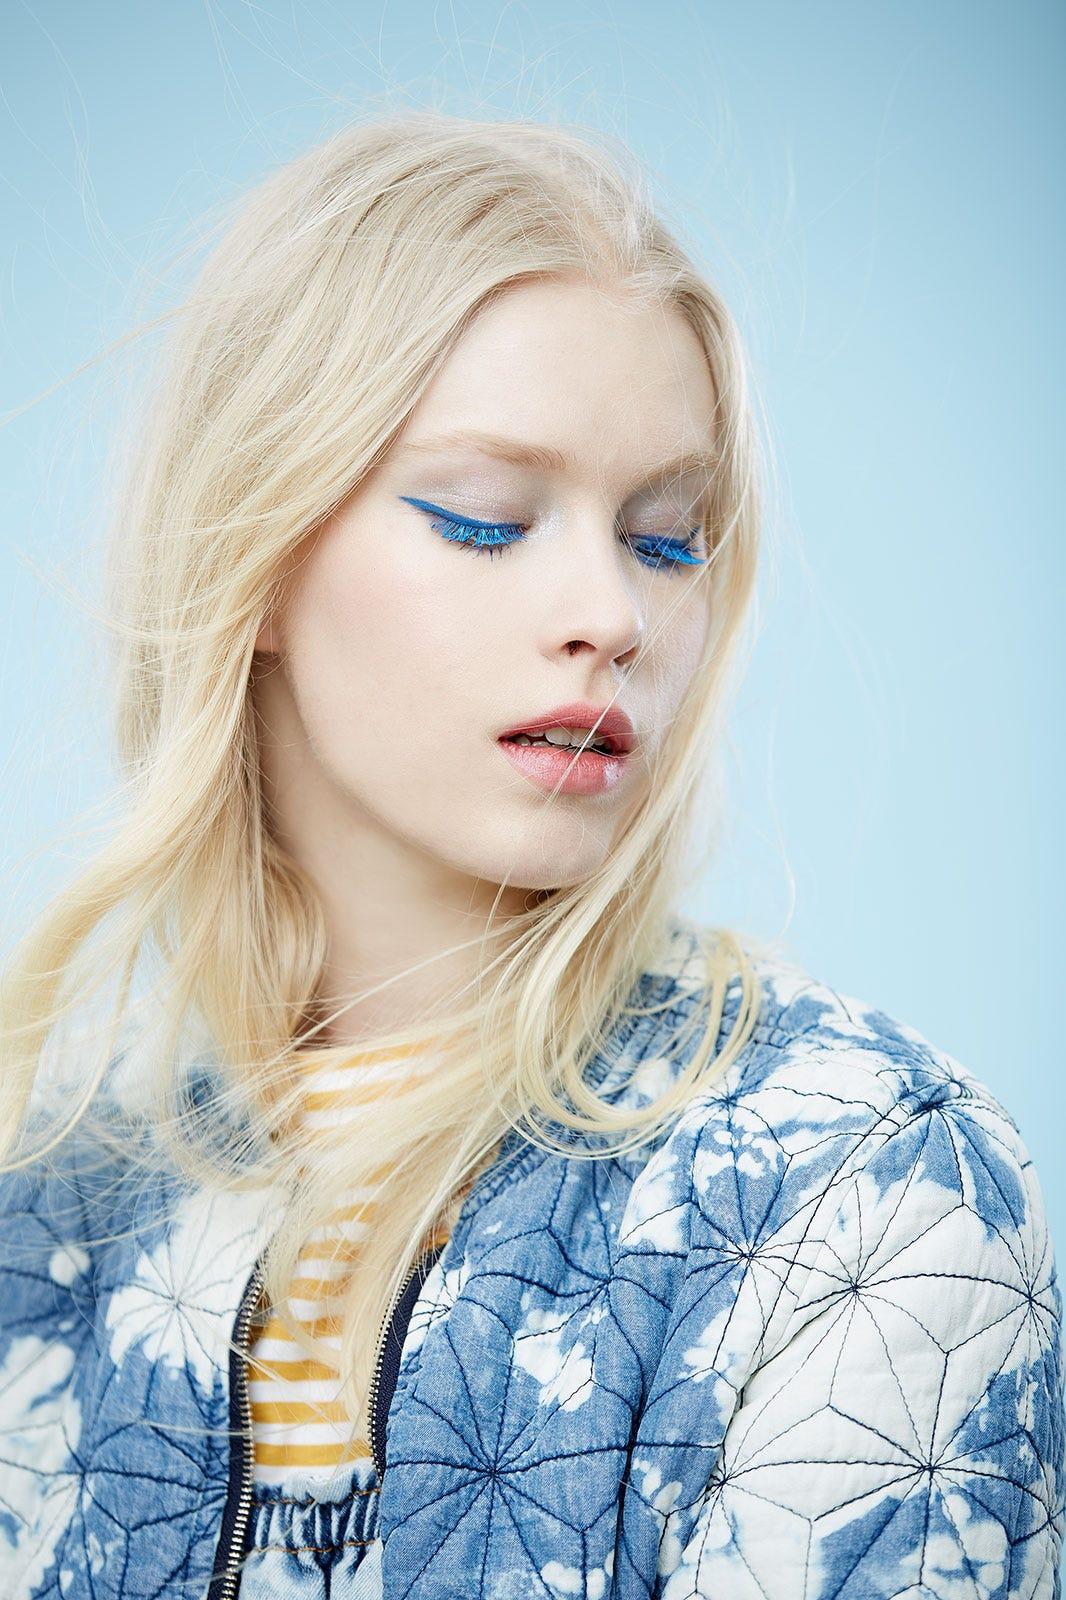 Blue Makeup Eyeshadow Eyeliner Lipstick